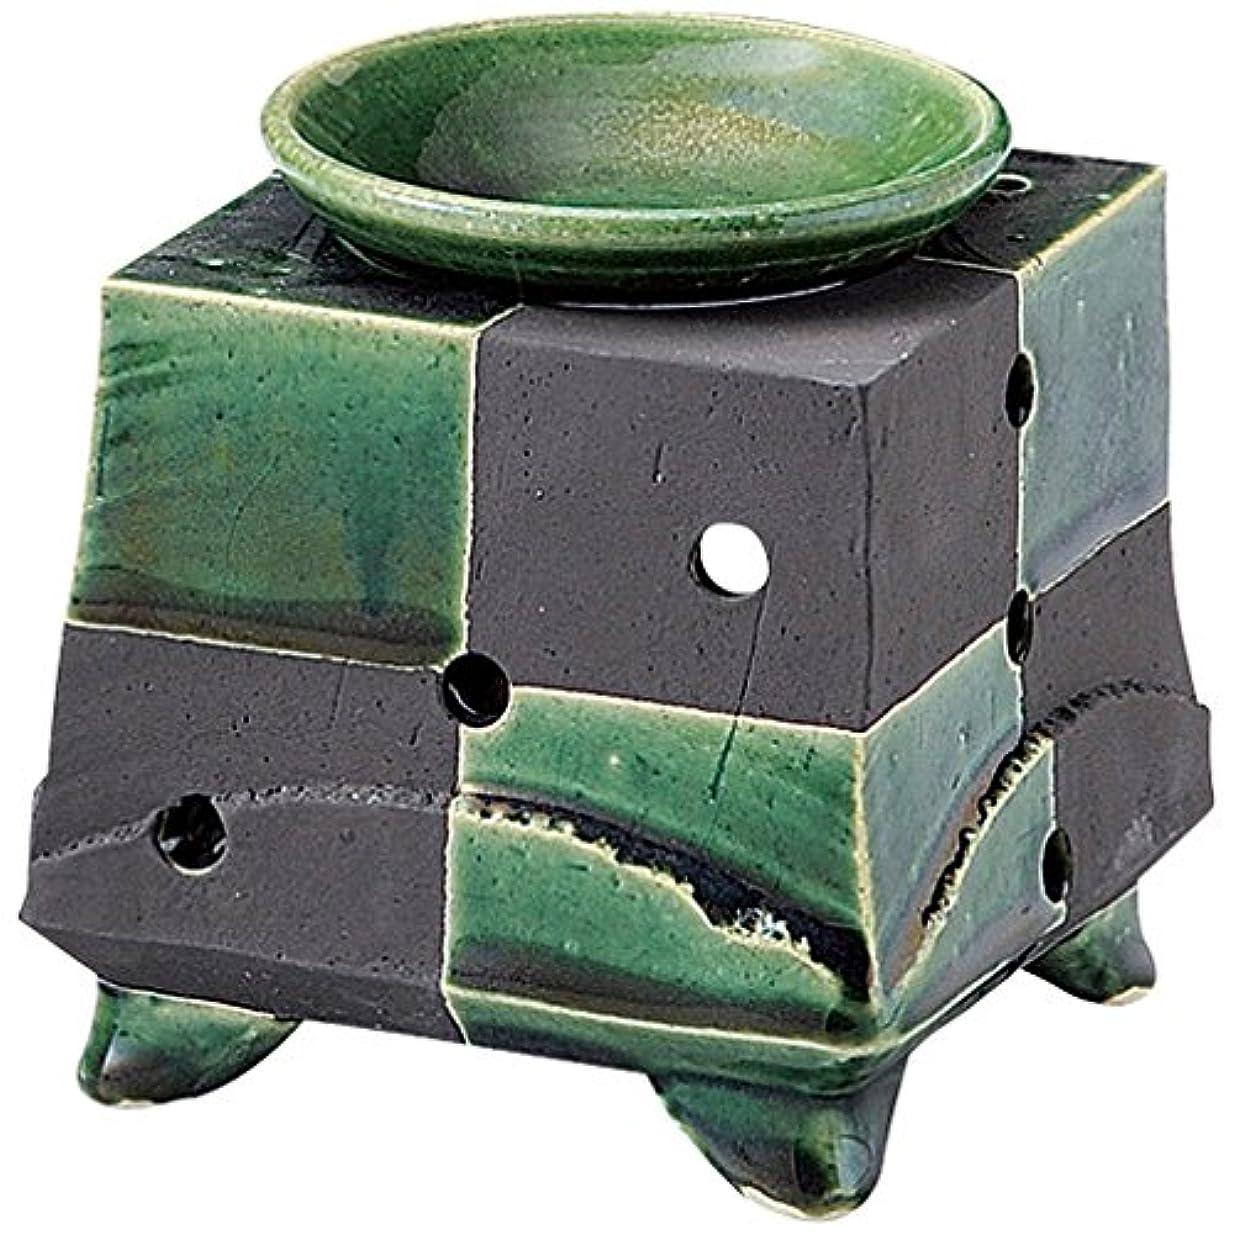 クレタサバントお嬢山下工芸 常滑焼 佳窯織部黒市松茶香炉 11.5×11.5×11.5cm 13045770